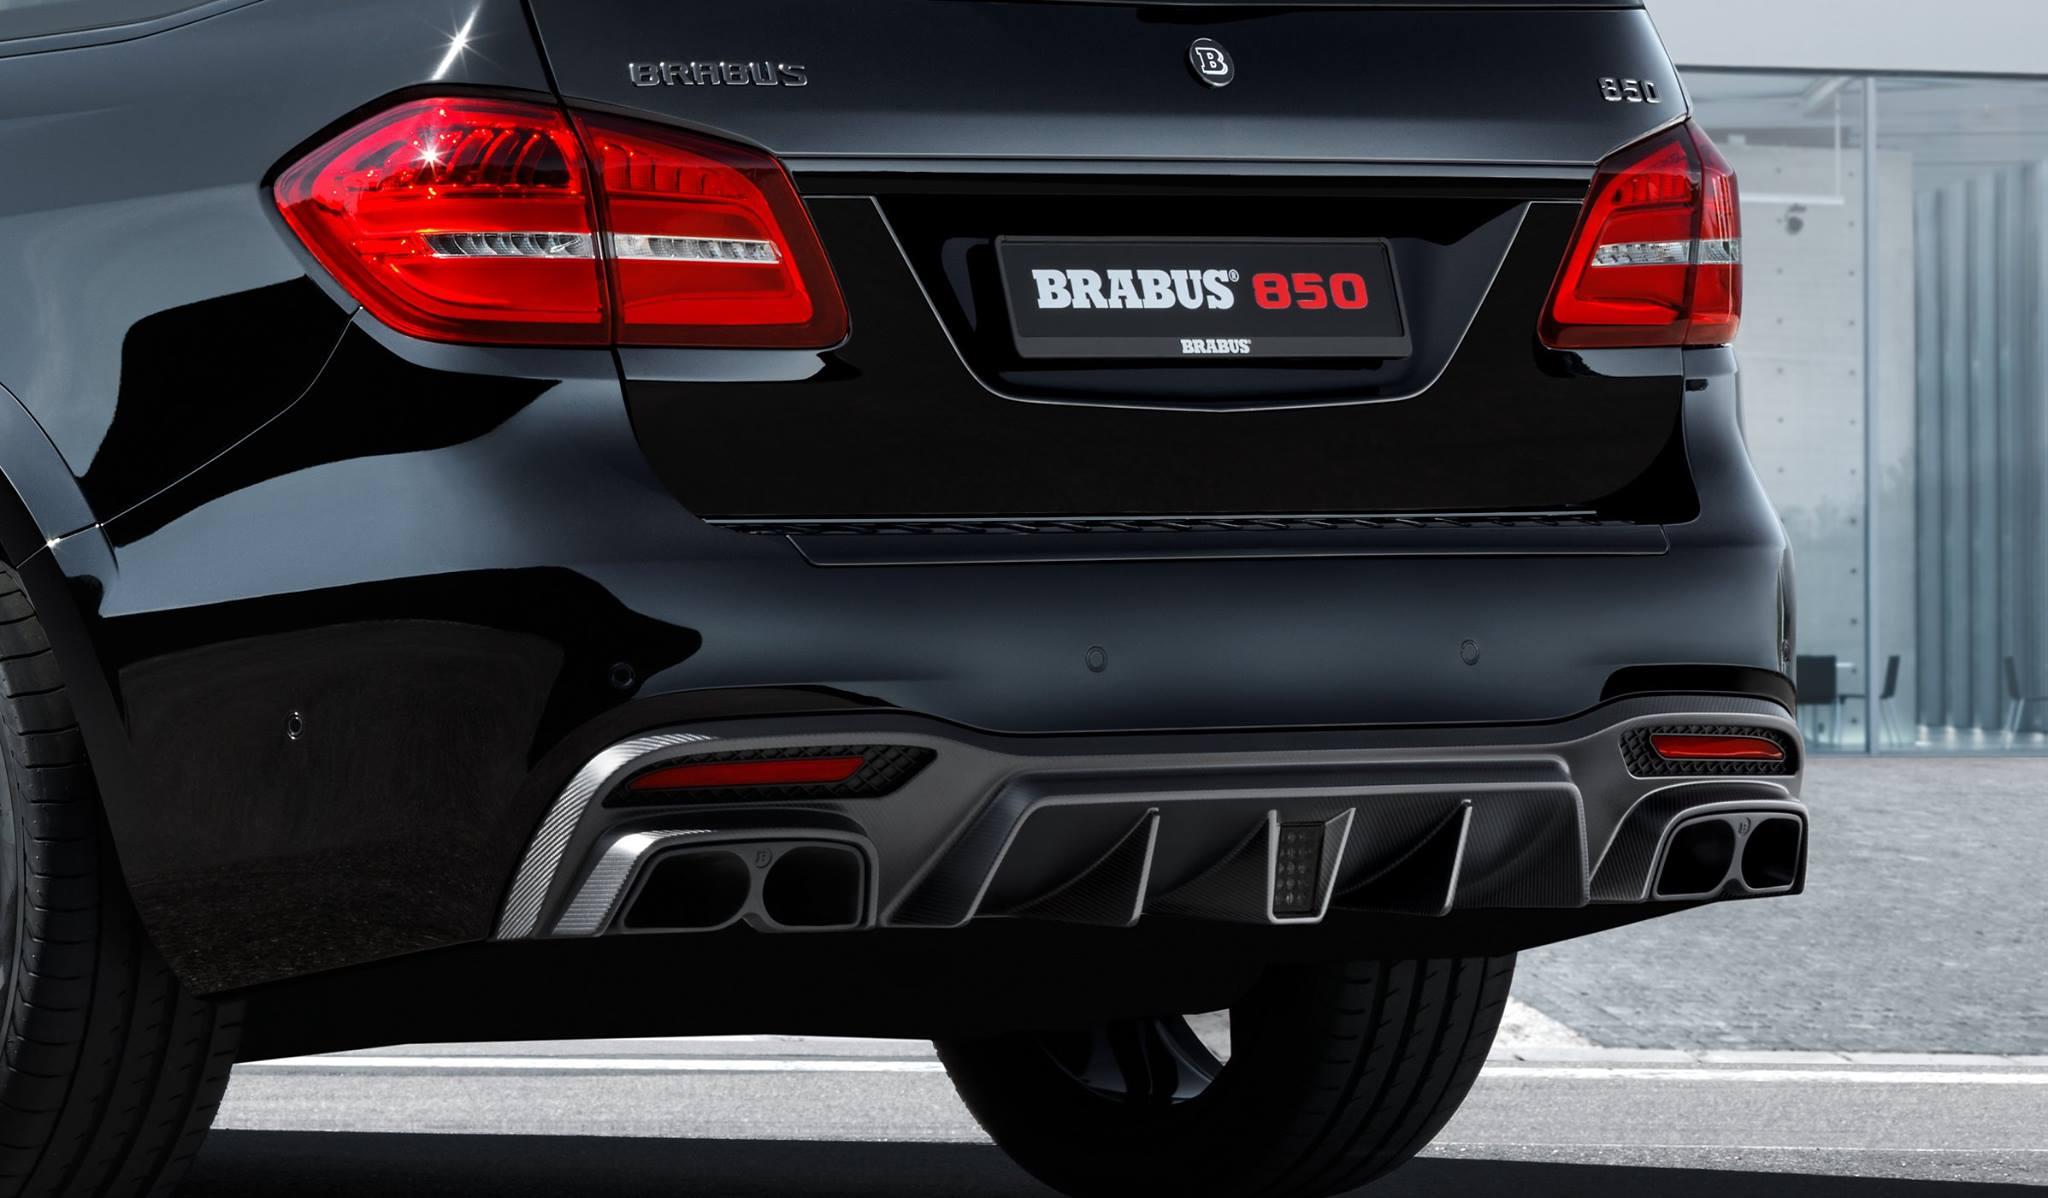 Brabus Mercedes Gls 850 Is An Xl Luxury Guzzler Autoevolution